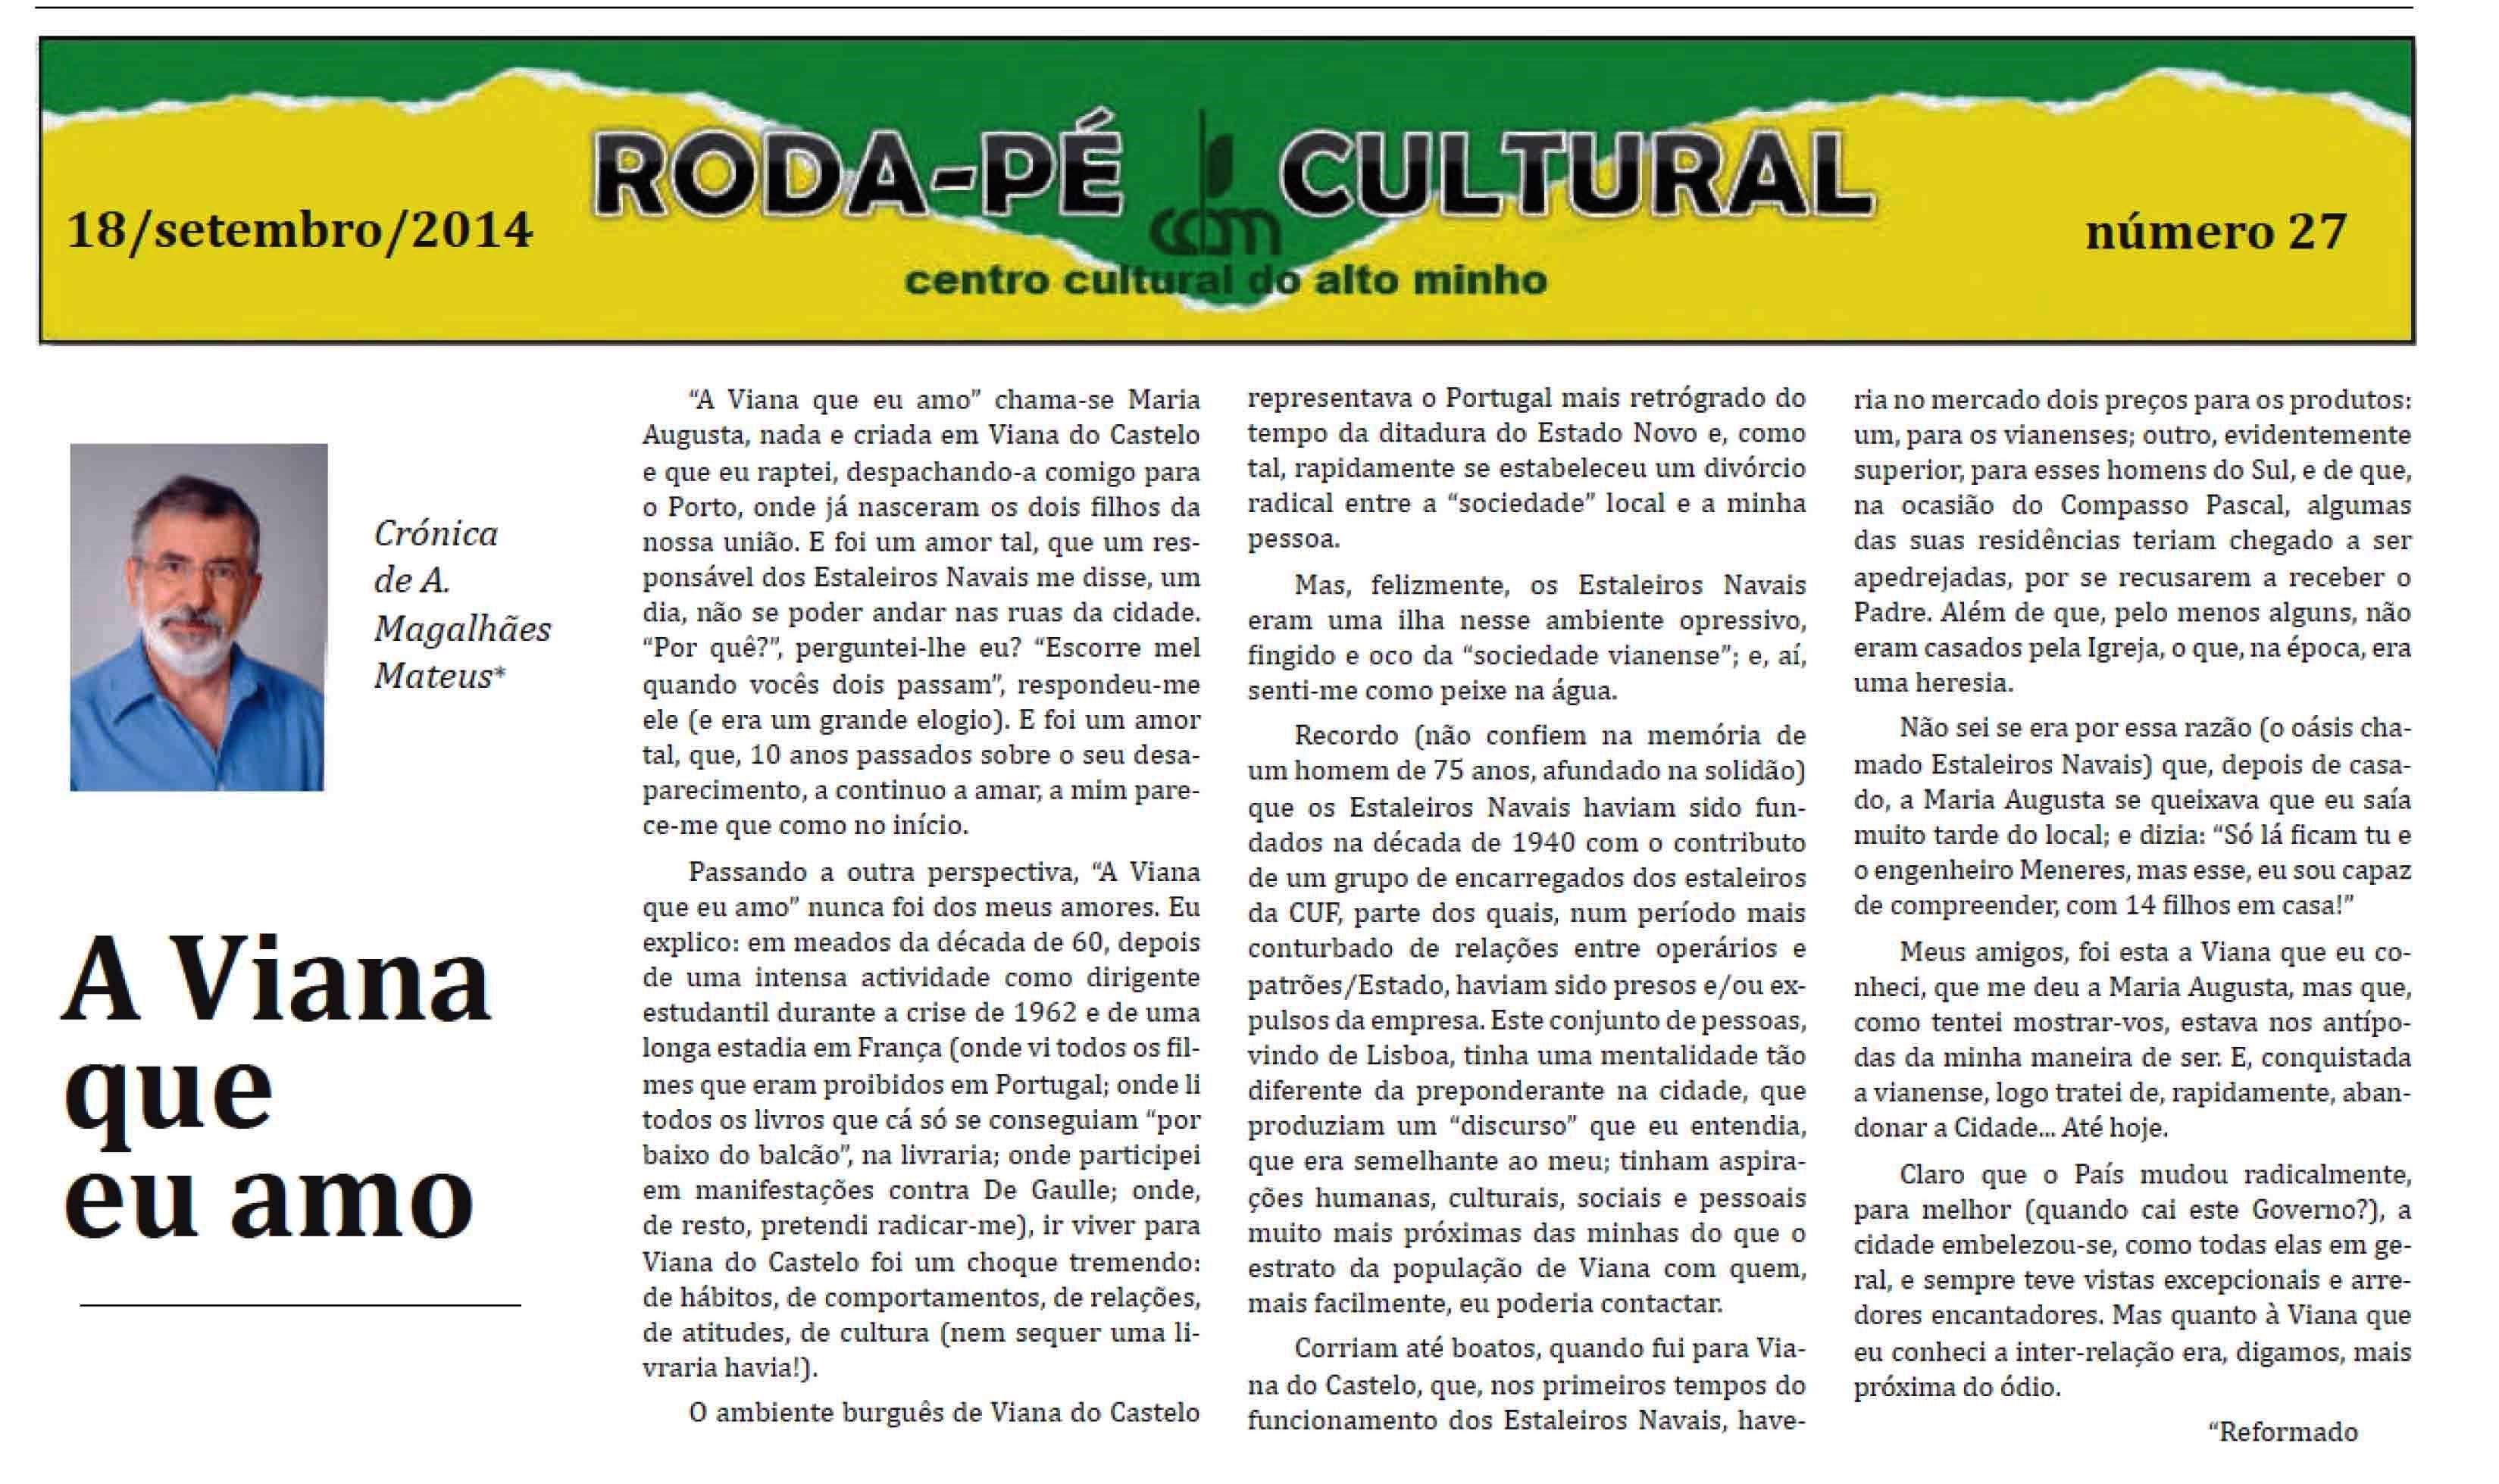 https://sites.google.com/a/centroculturaldoaltominho.org/ccam/actividades-realizadas/2014/RP_28.jpg